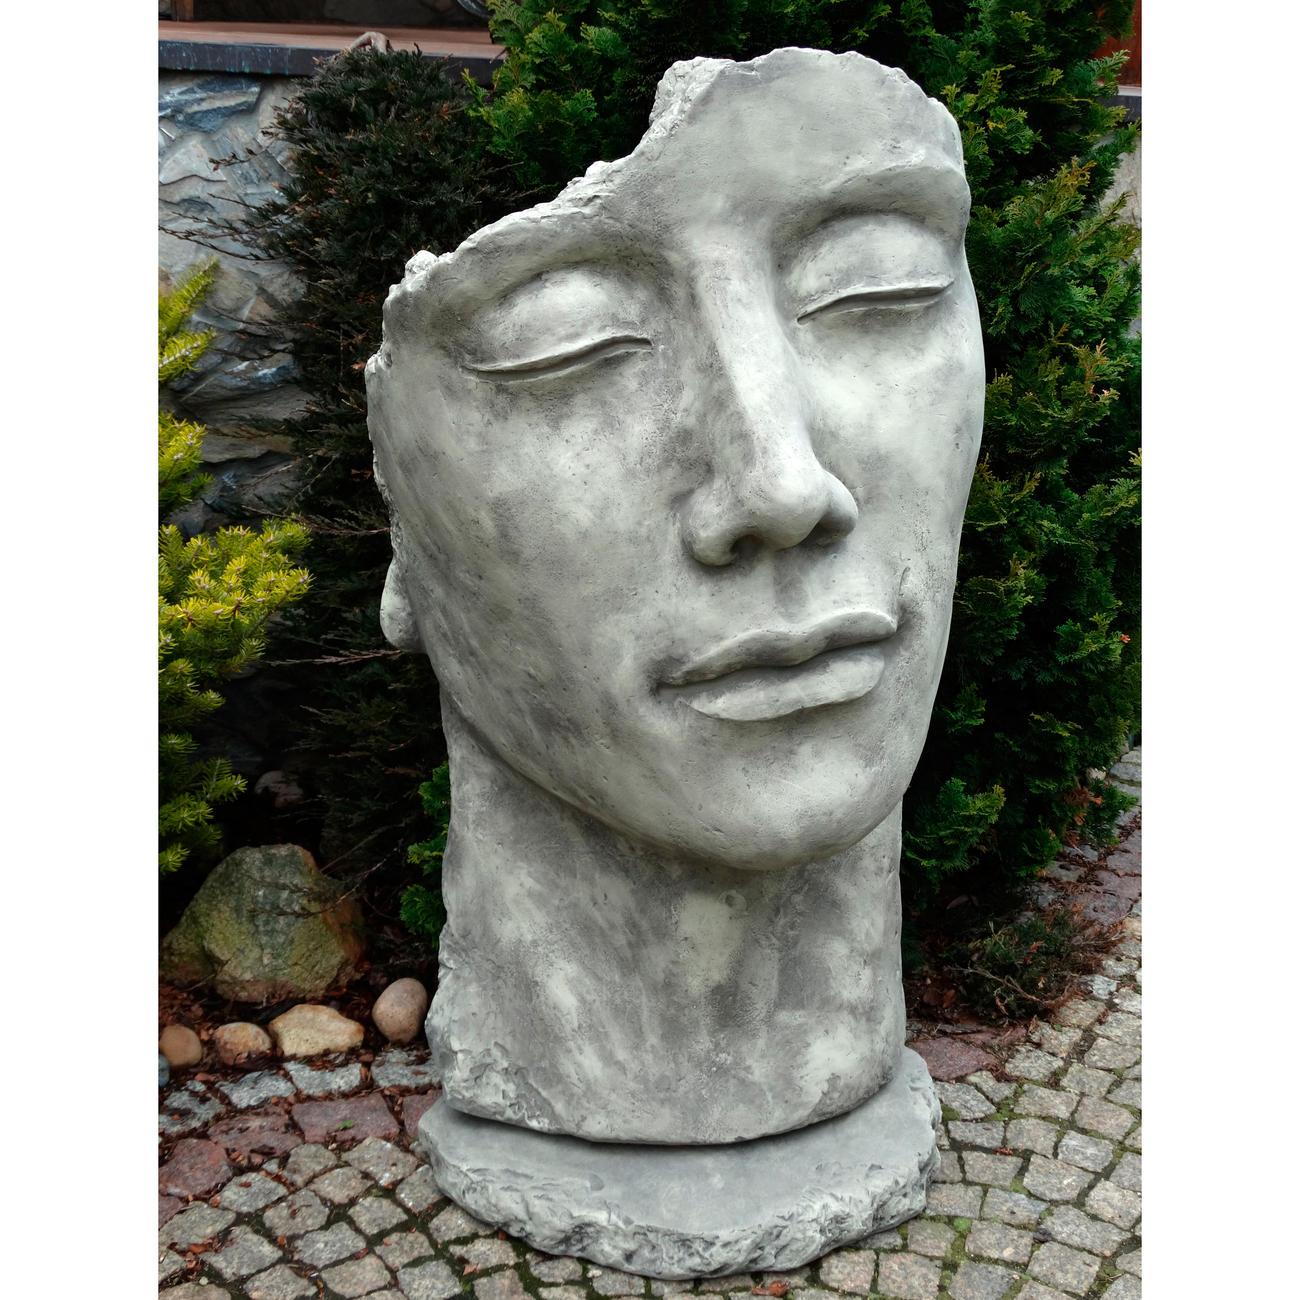 Full Size of Gartenskulpturen Kaufen Schweiz Gartenfigur Statue Gesicht Mann Inkl Platte Zur Montage Einbauküche Sofa Günstig Gebrauchte Fenster Amerikanische Küche Bett Wohnzimmer Gartenskulpturen Kaufen Schweiz